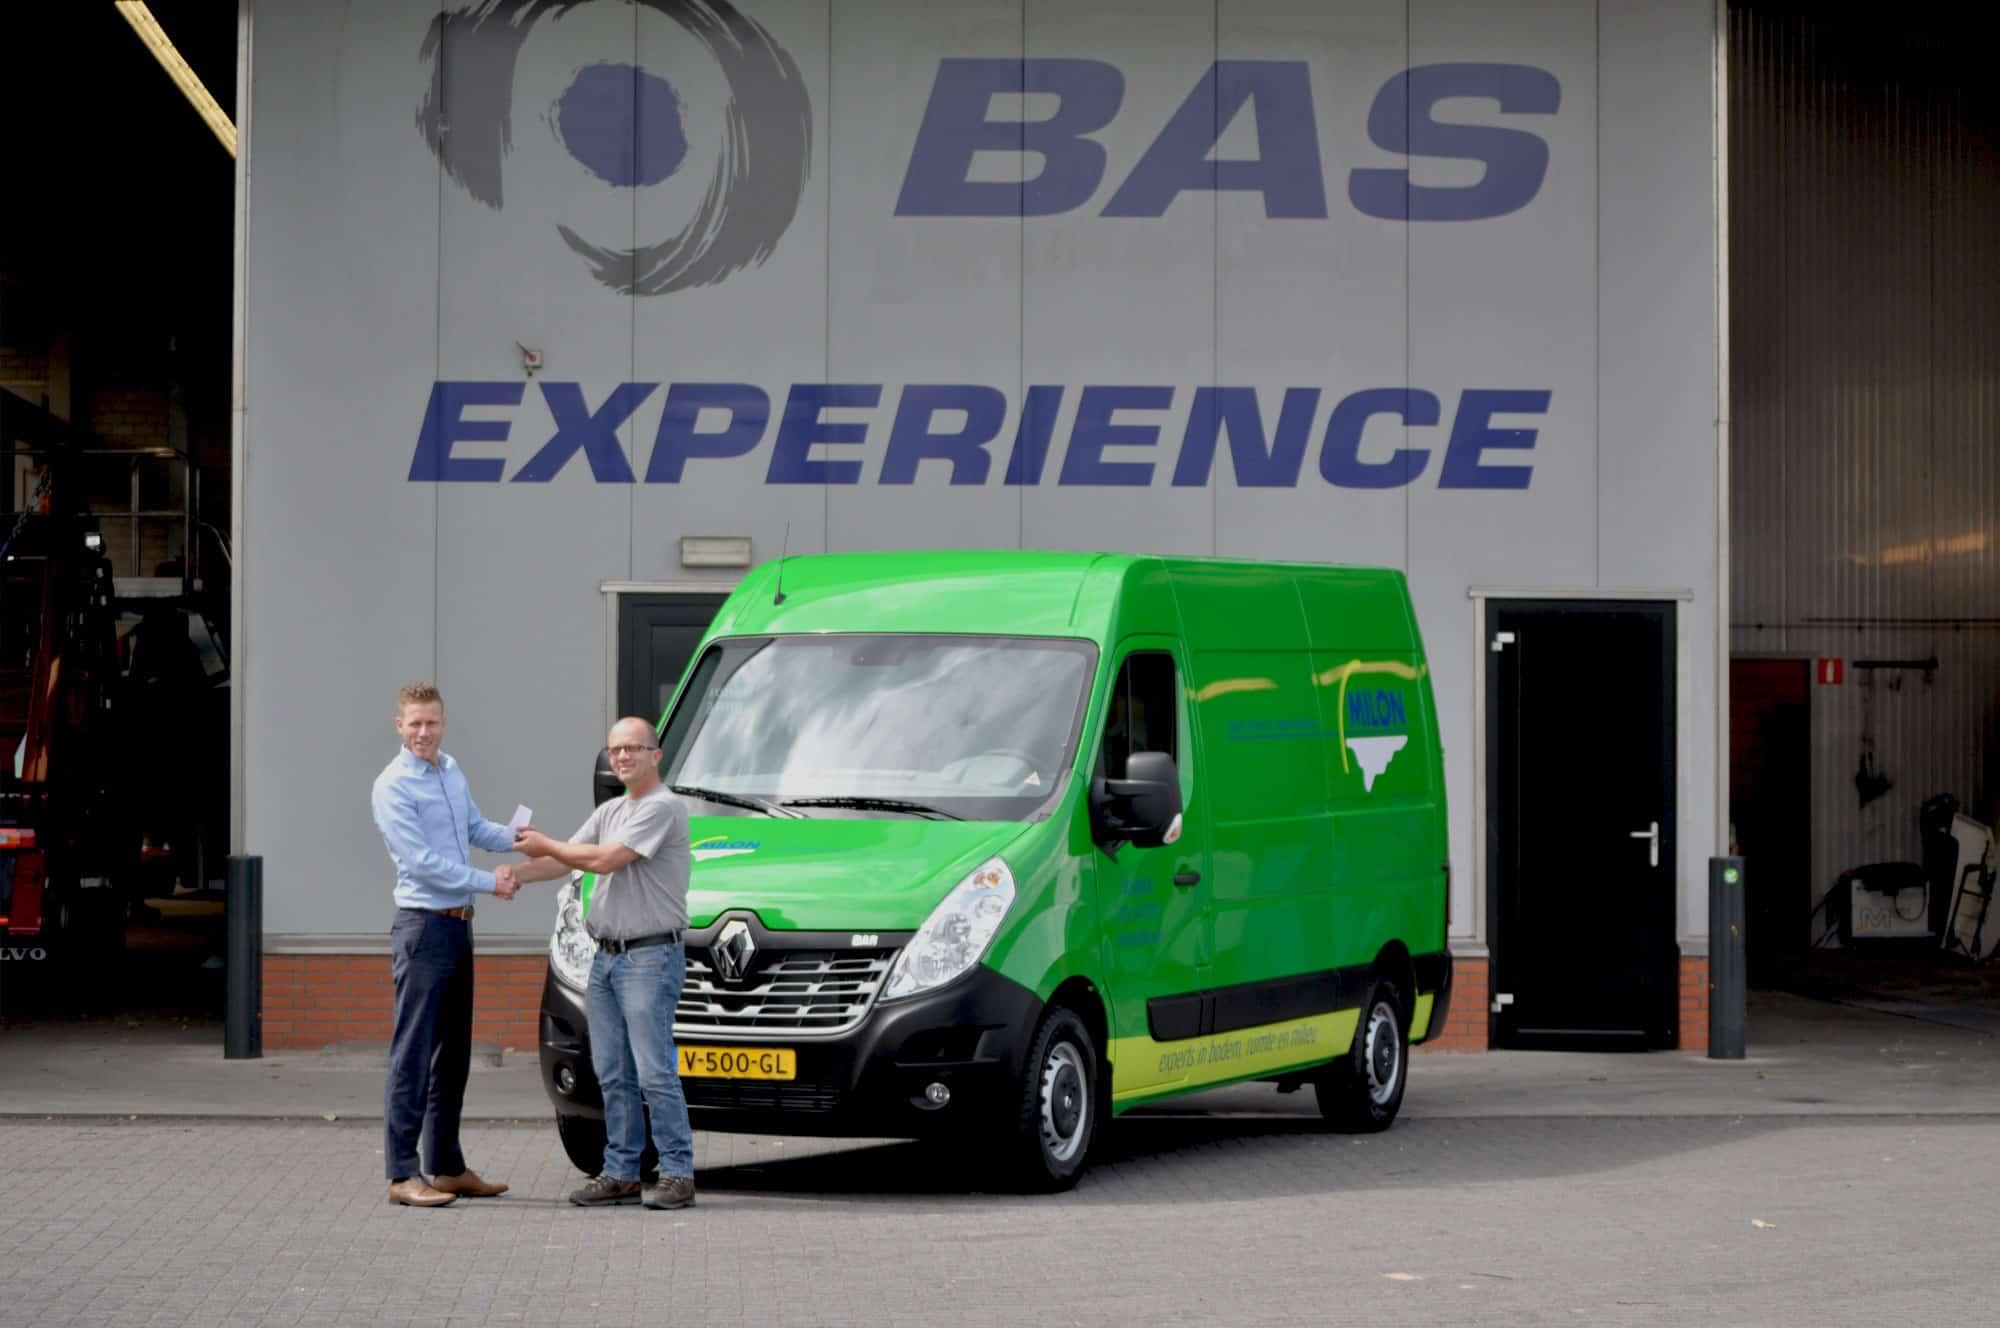 MILON neemt wederom nieuwe bedrijfswagen in gebruik